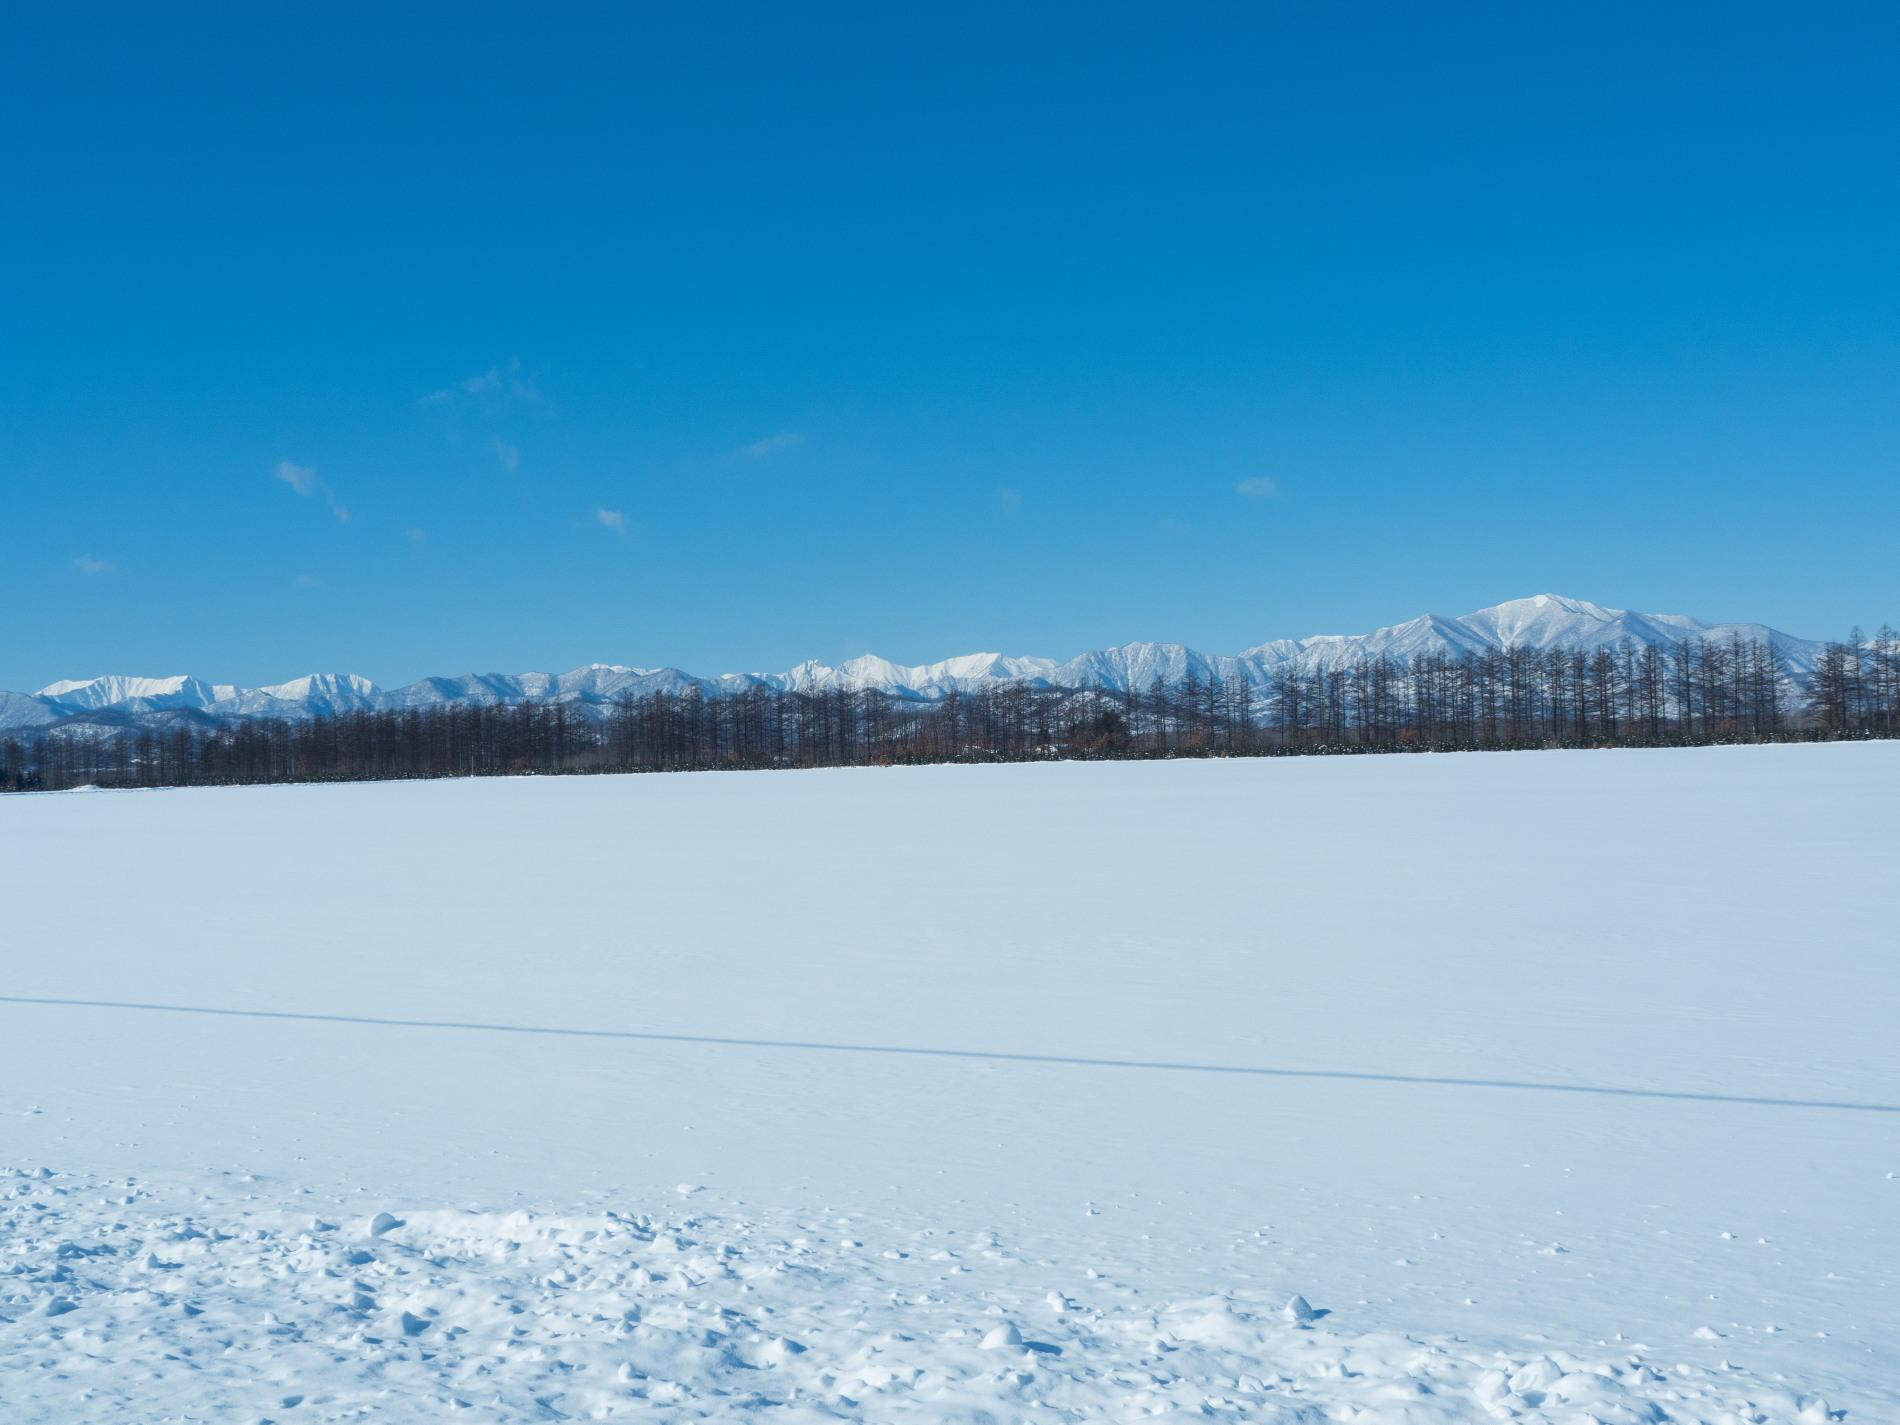 今季最高の冷え込み・・快晴で日高山脈がきれいに望めます。_f0276498_11362181.jpg